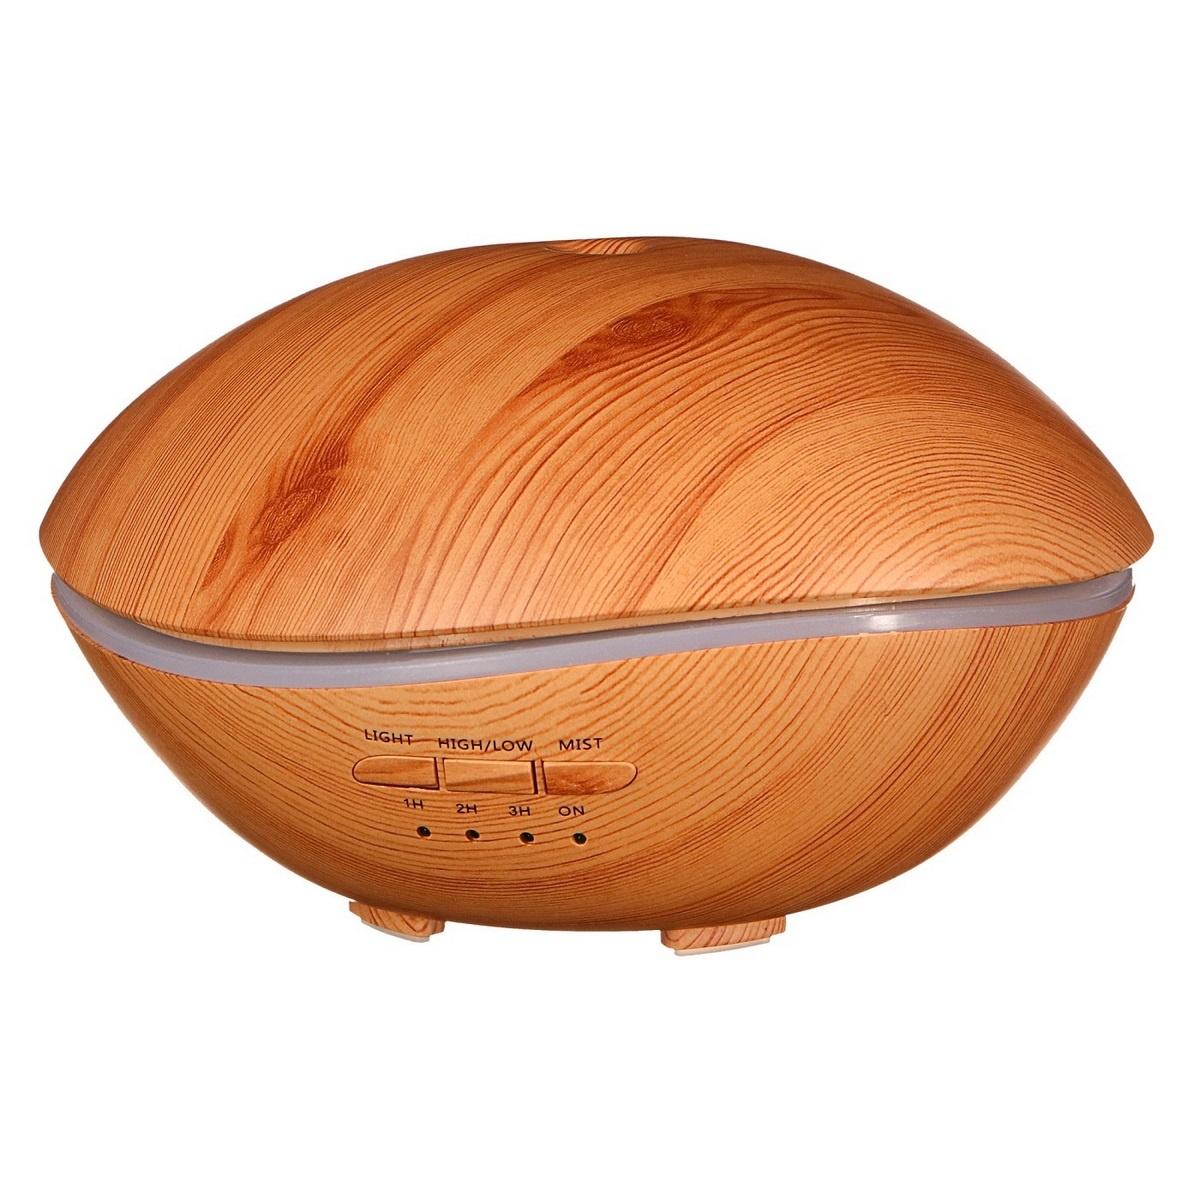 Sixtol Aróma difuzér Stone svetlé drevo, 500 ml